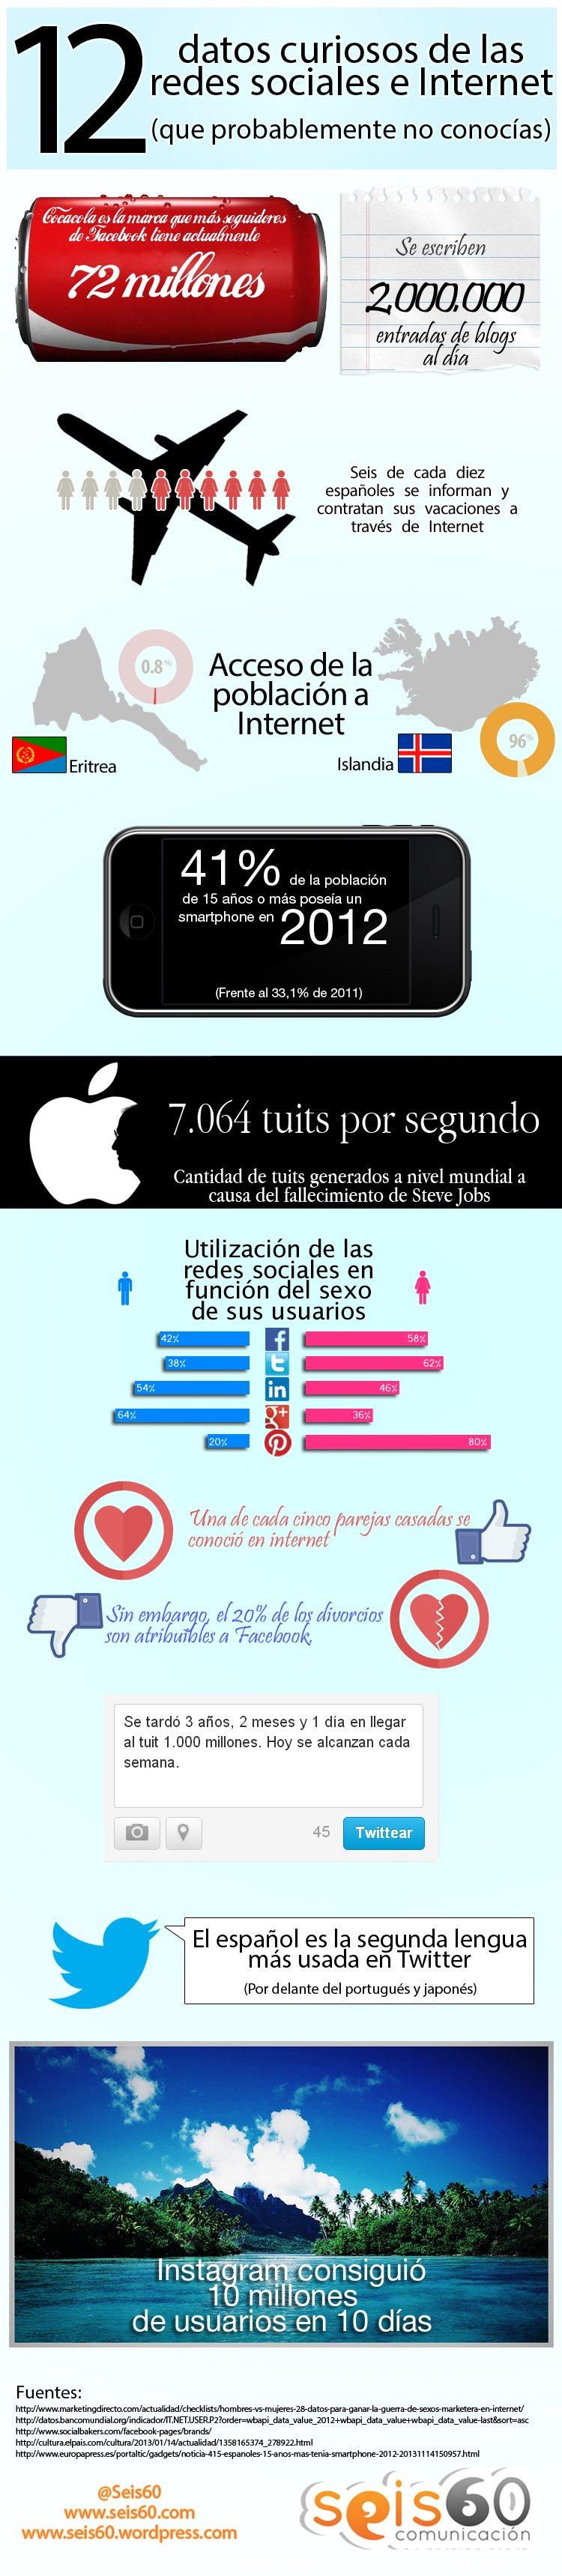 infografc3ada-26-11-13